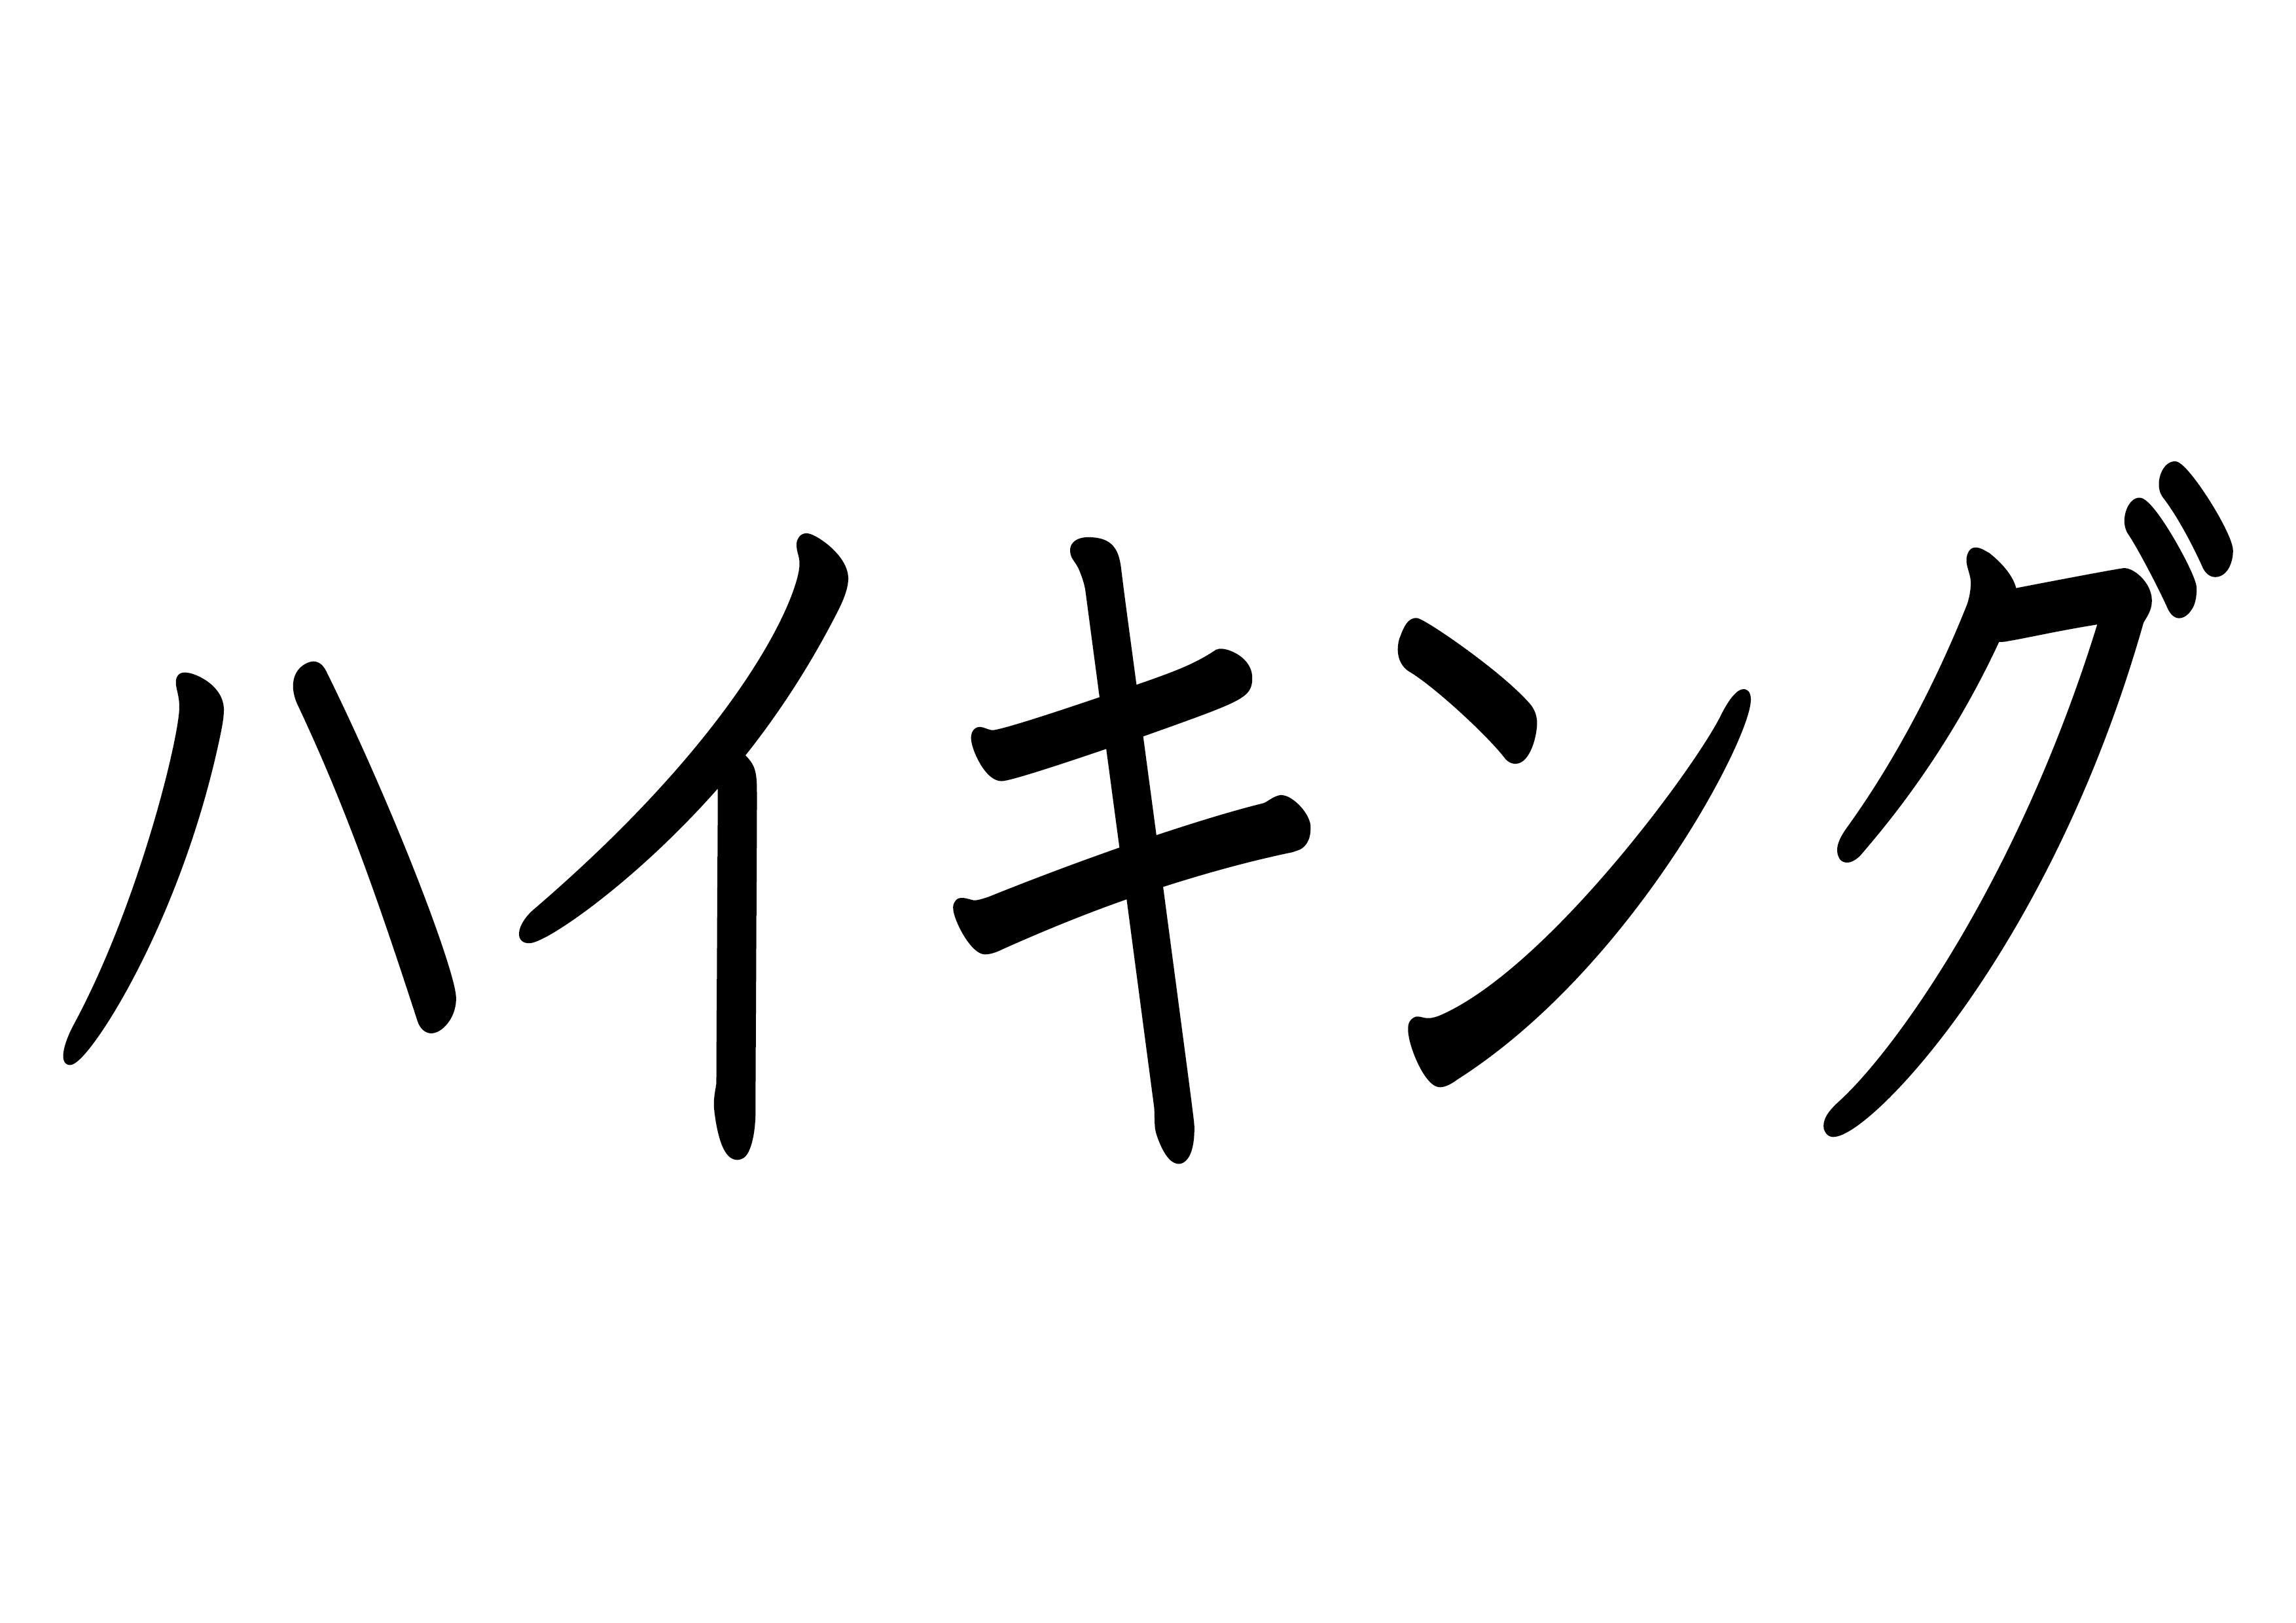 カタカナ【ハイキング】